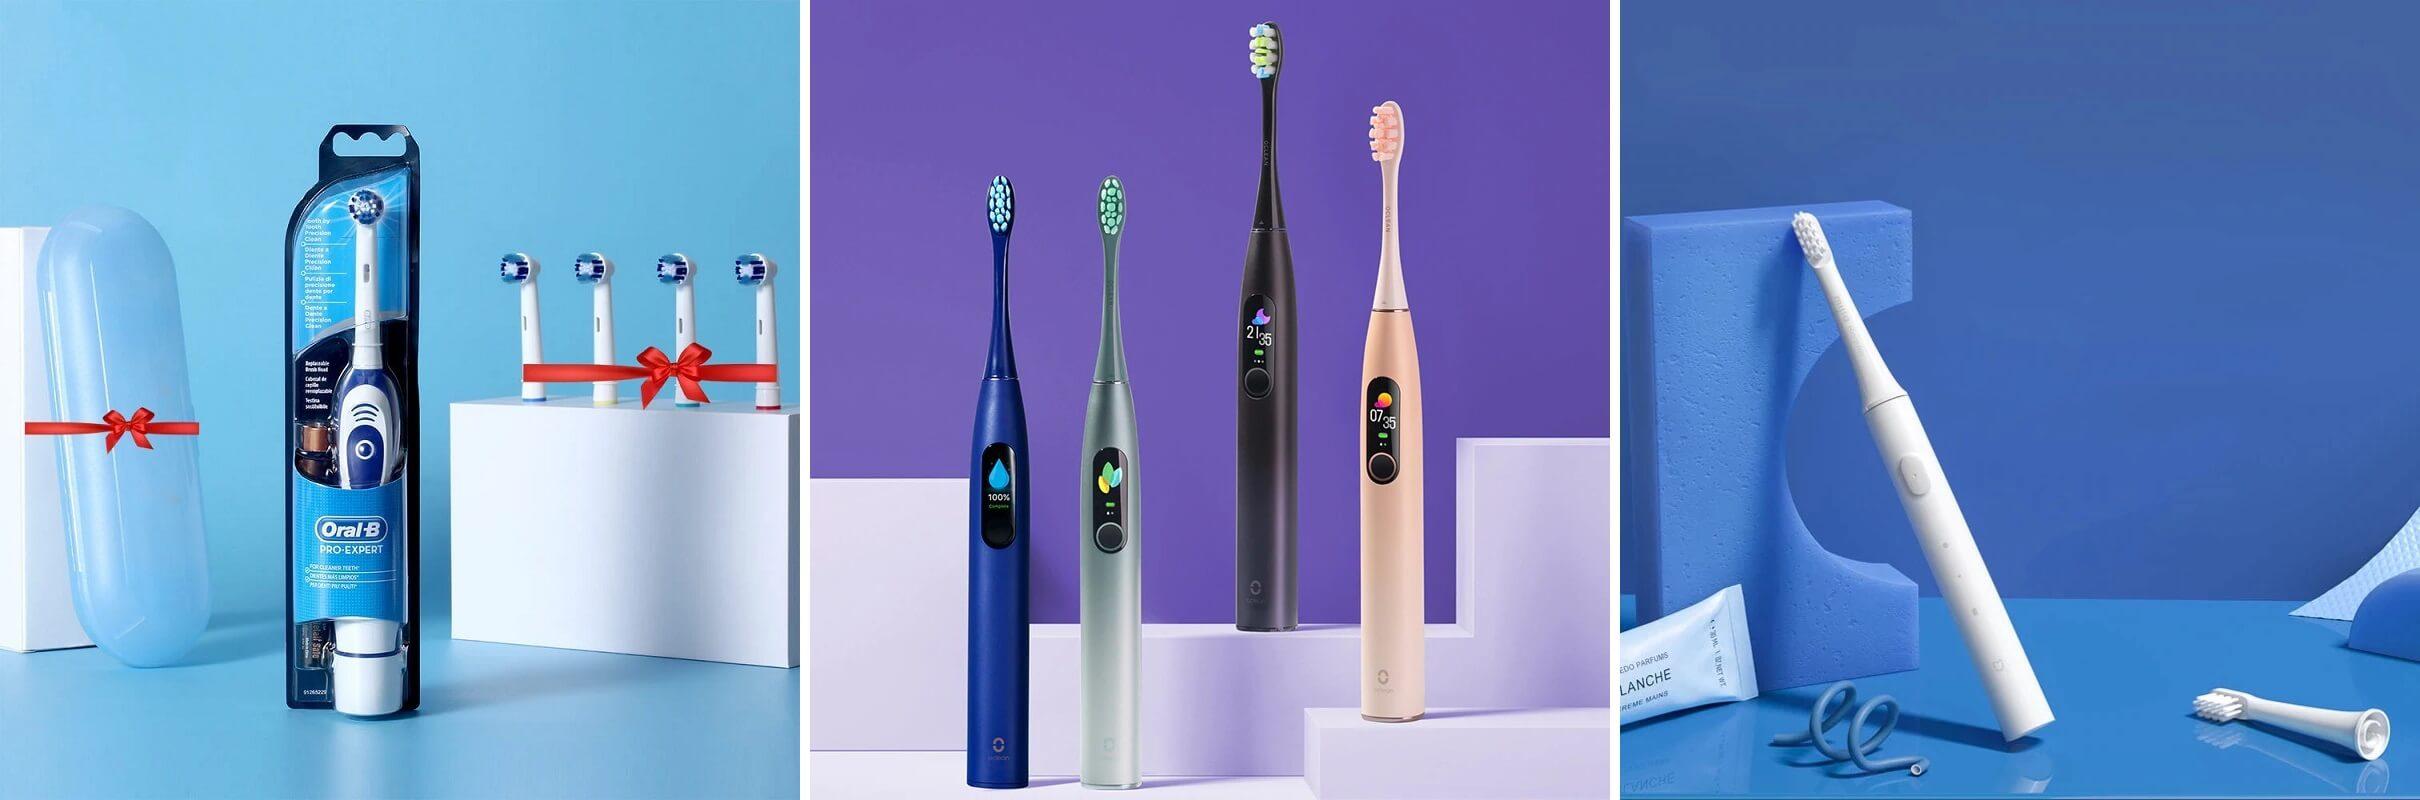 ТОП-10 электрических зубных щеток с Алиэкспресс